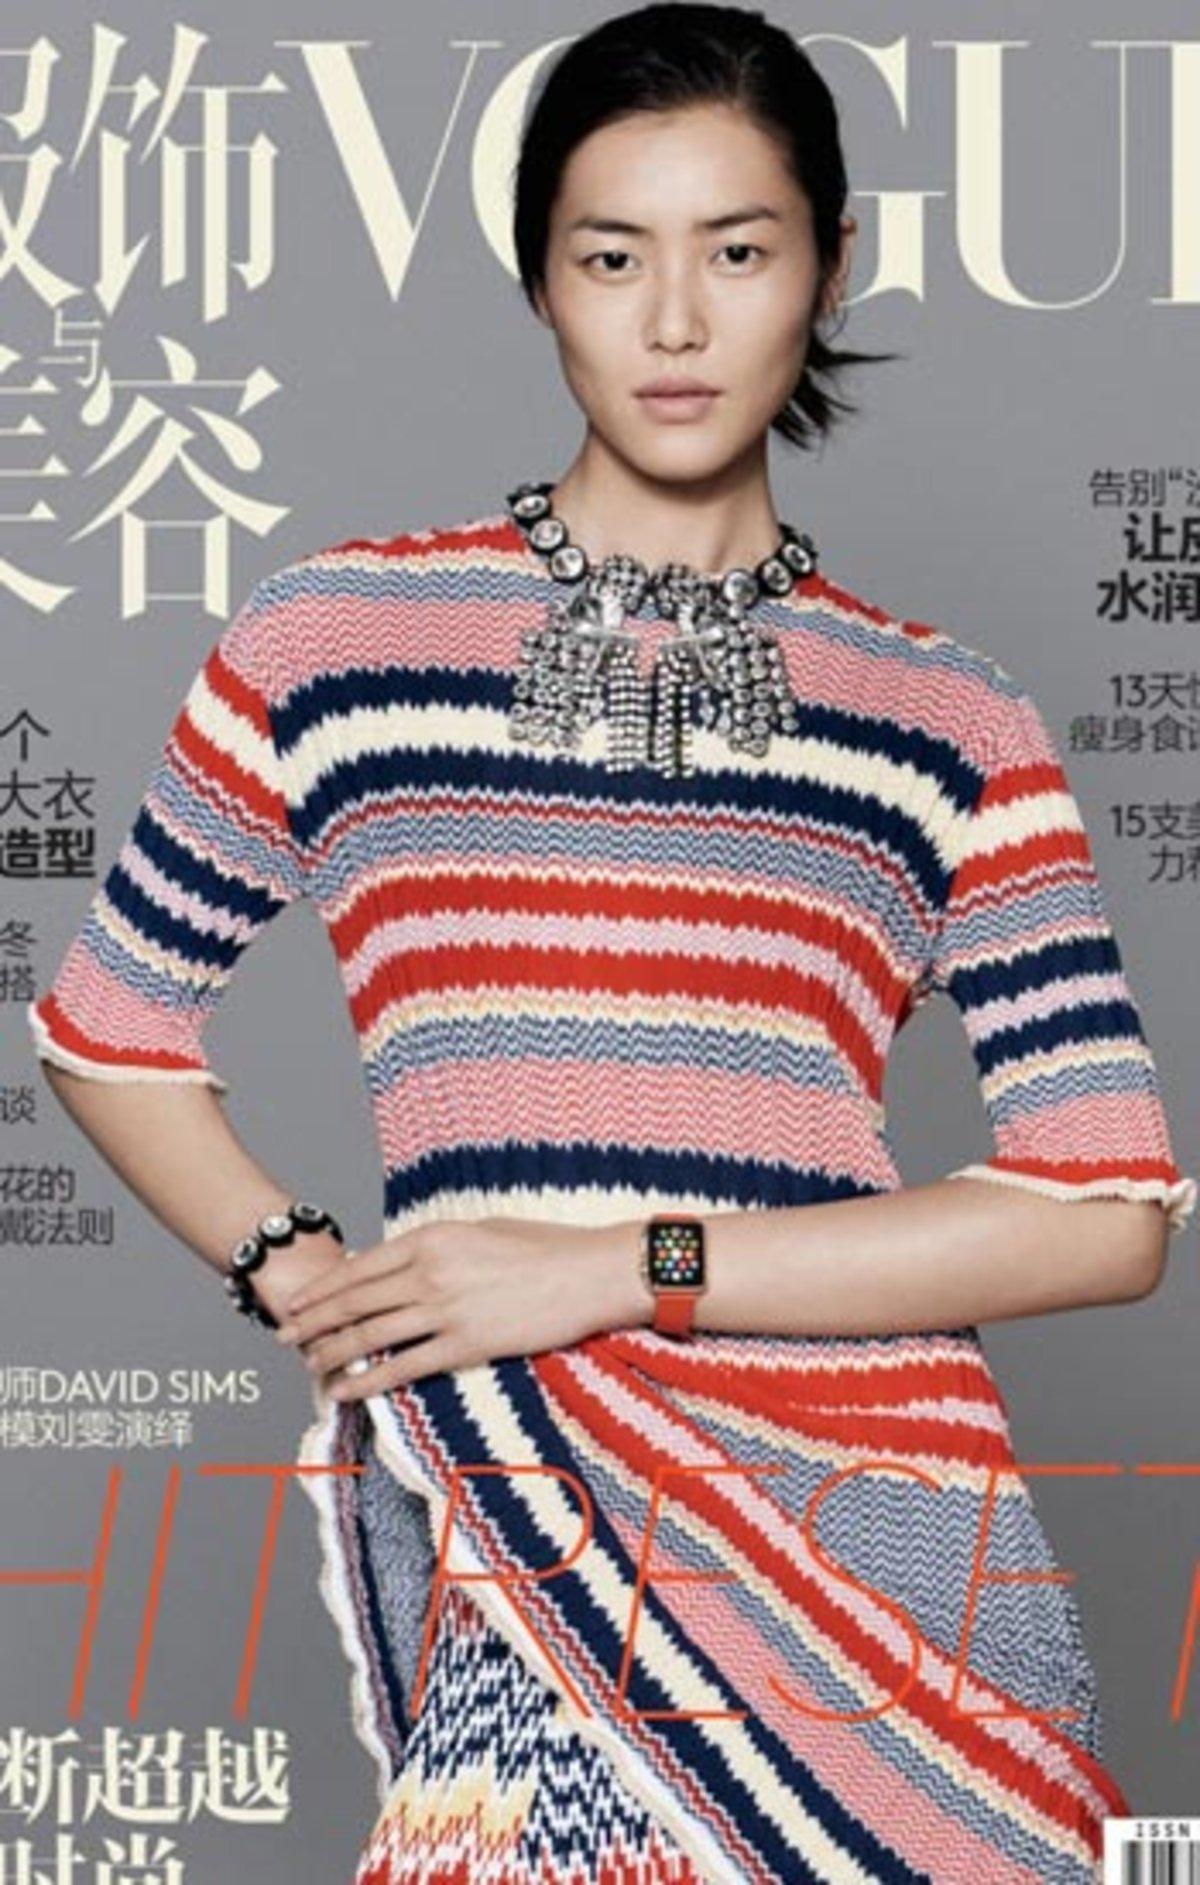 apple-watch-portada-revista-modelo-candice-swanepoel-3